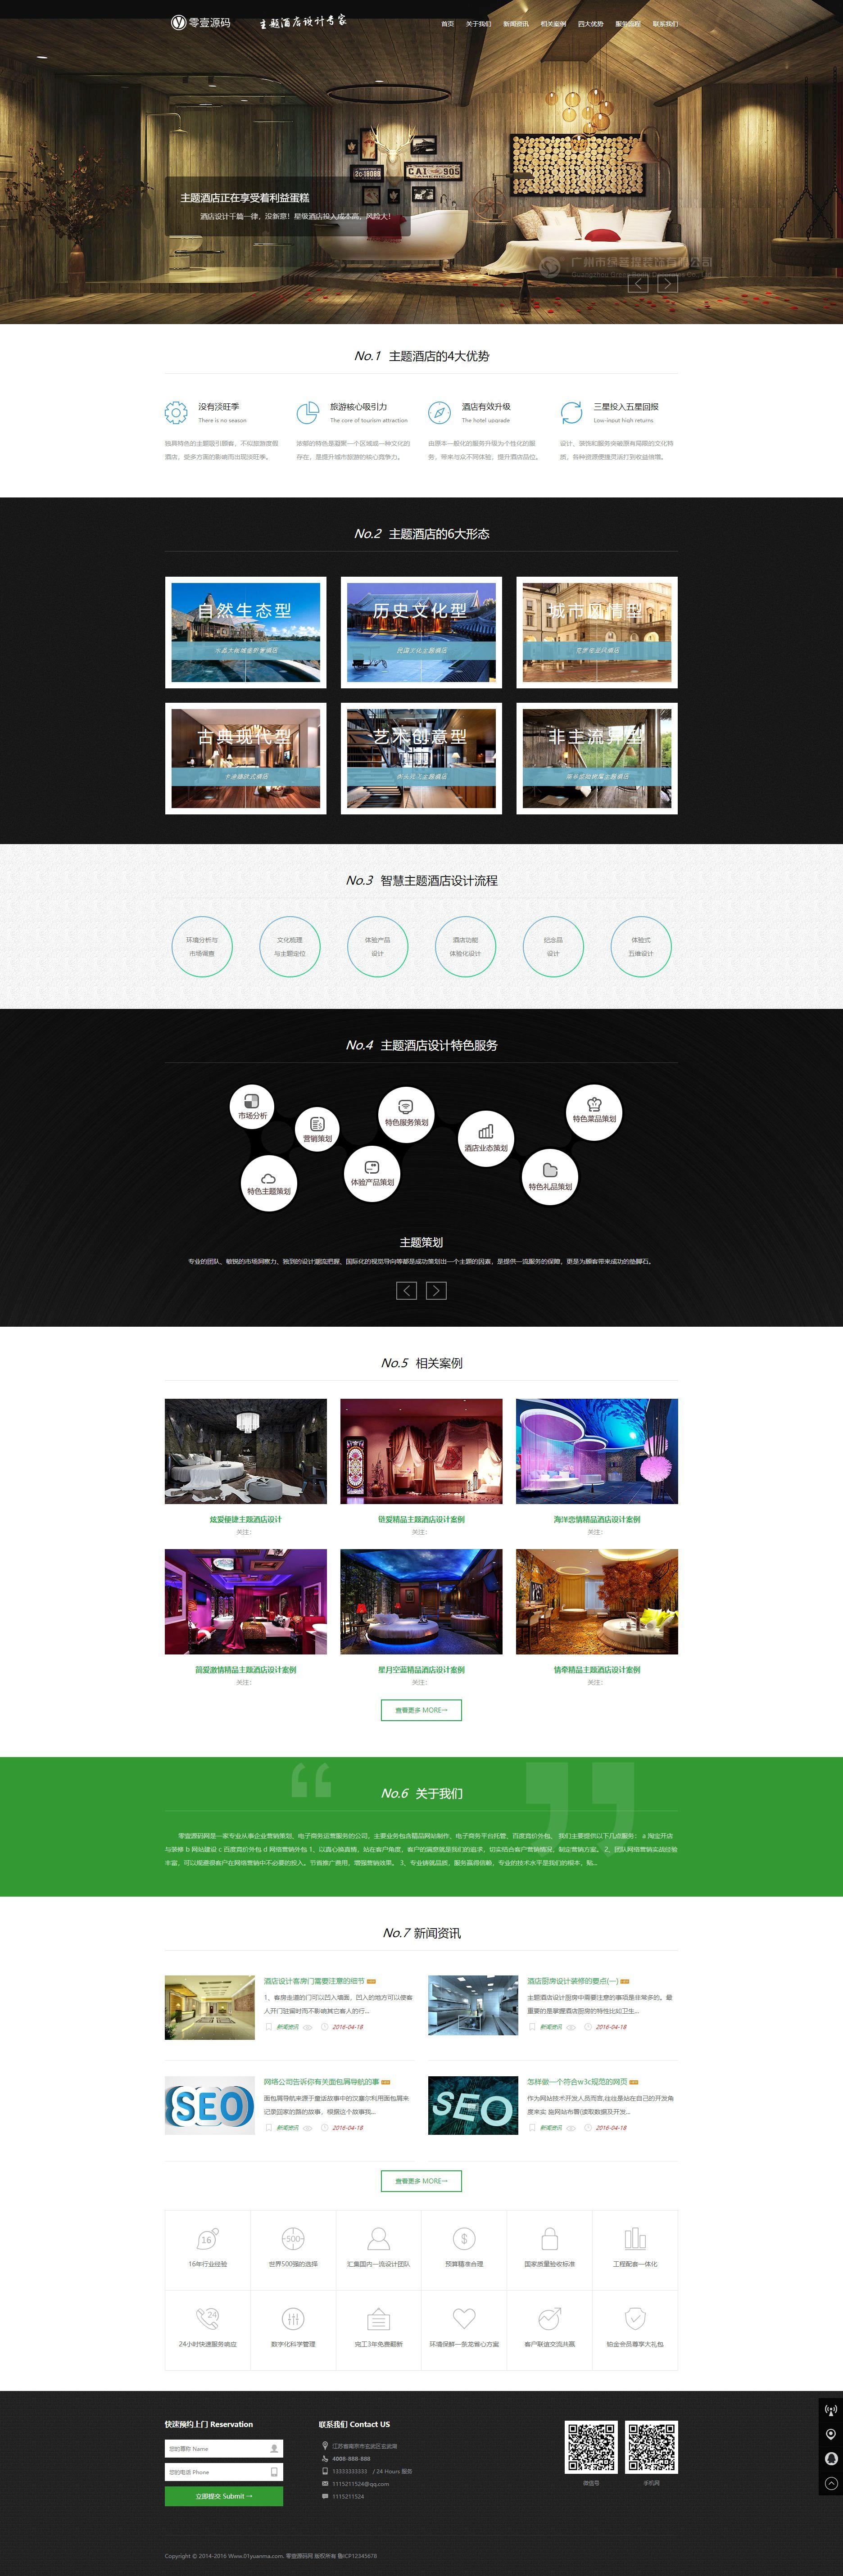 HTML5响应式自适应酒店设计室内装饰公司网站织梦dedecms模板(带筛选)